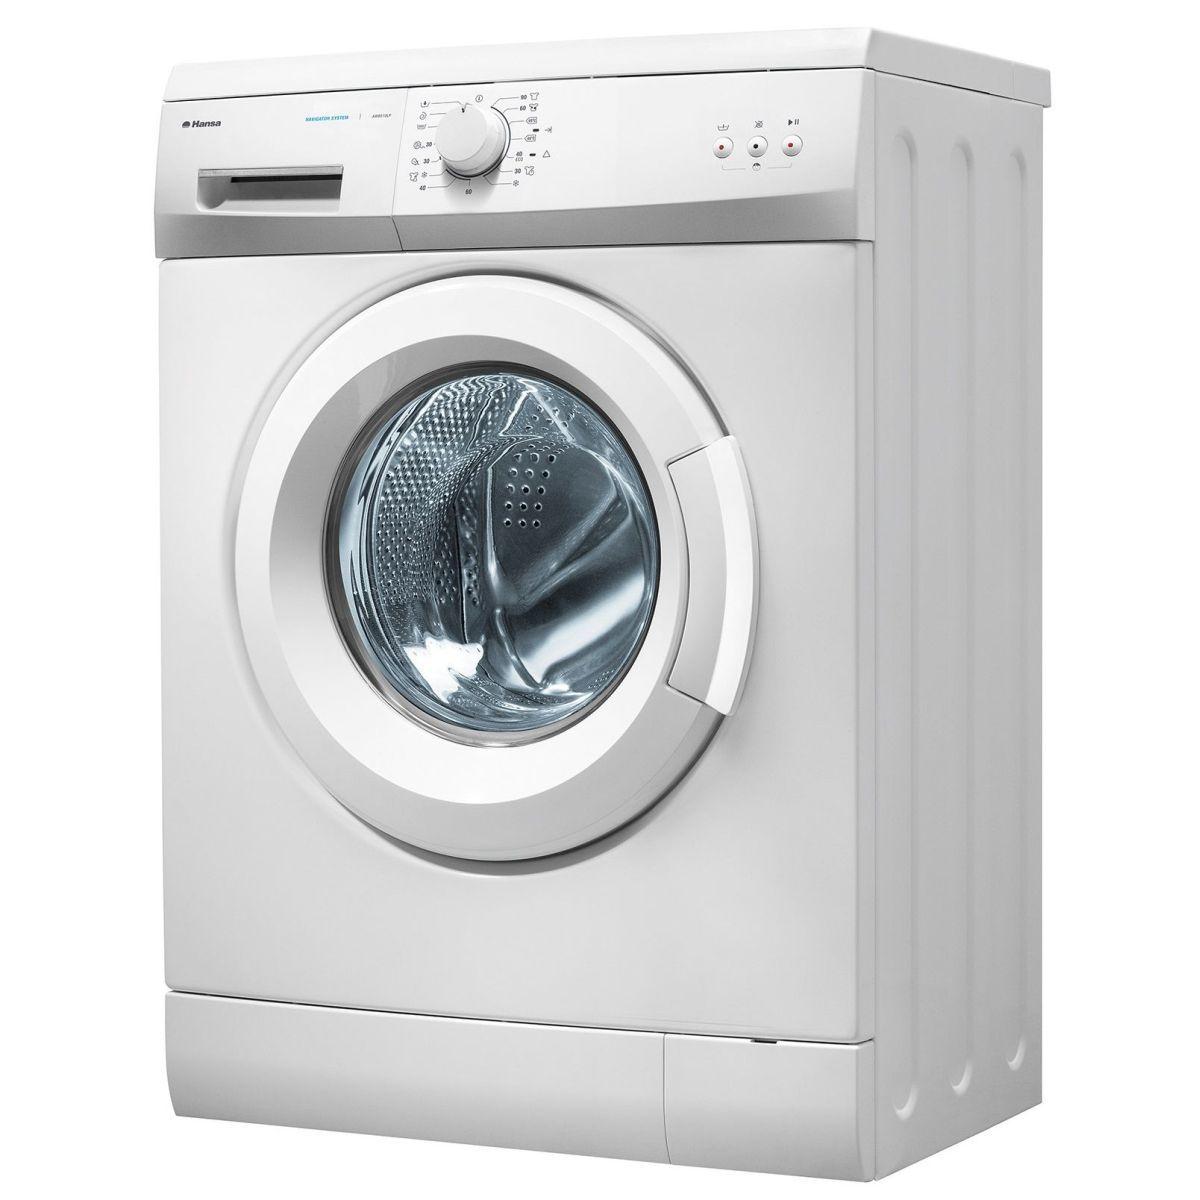 Hansa Awb510lp O Mașină De Spălat Accesibilă Washing Machine